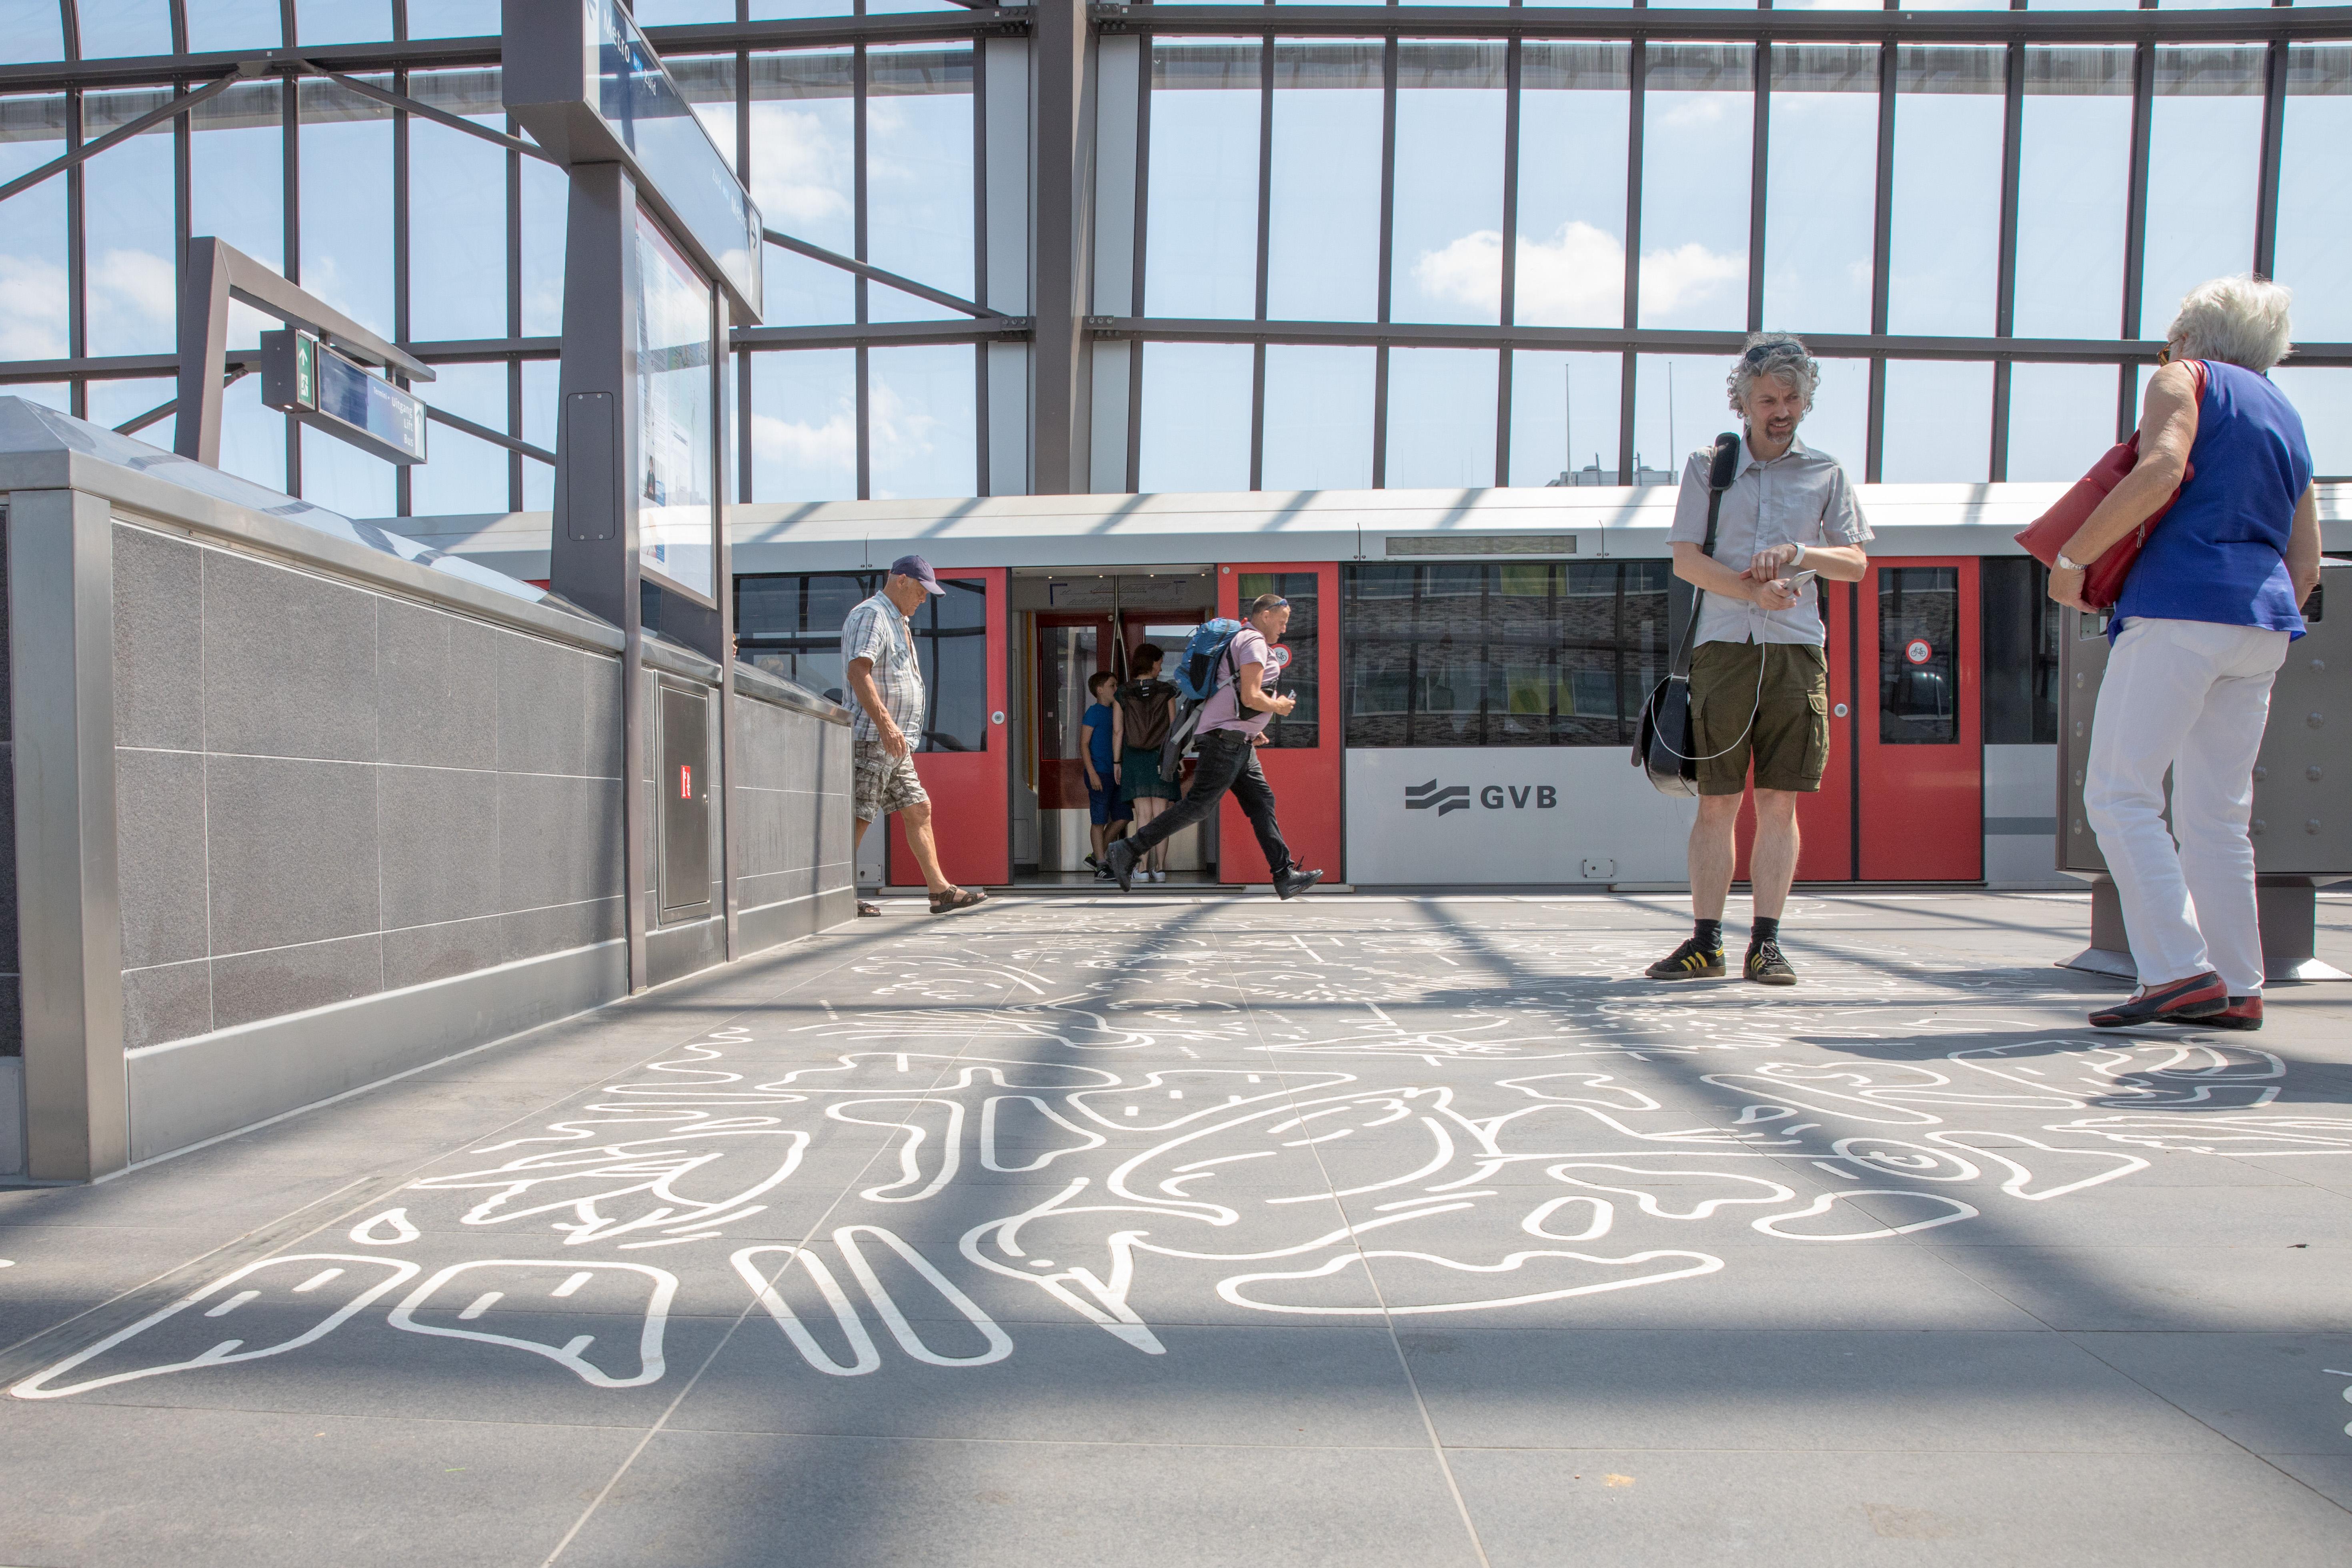 Tijdens de feestelijke opening van de Noord/Zuidlijn mochten mensen die zich vooraf hadden aangemeld gratis gebruikmaken van de nieuwe metro en waren op alle stations festiviteiten georganiseerd. (Foto's: Vincent de Vries/RM)   rodi.nl © rodi